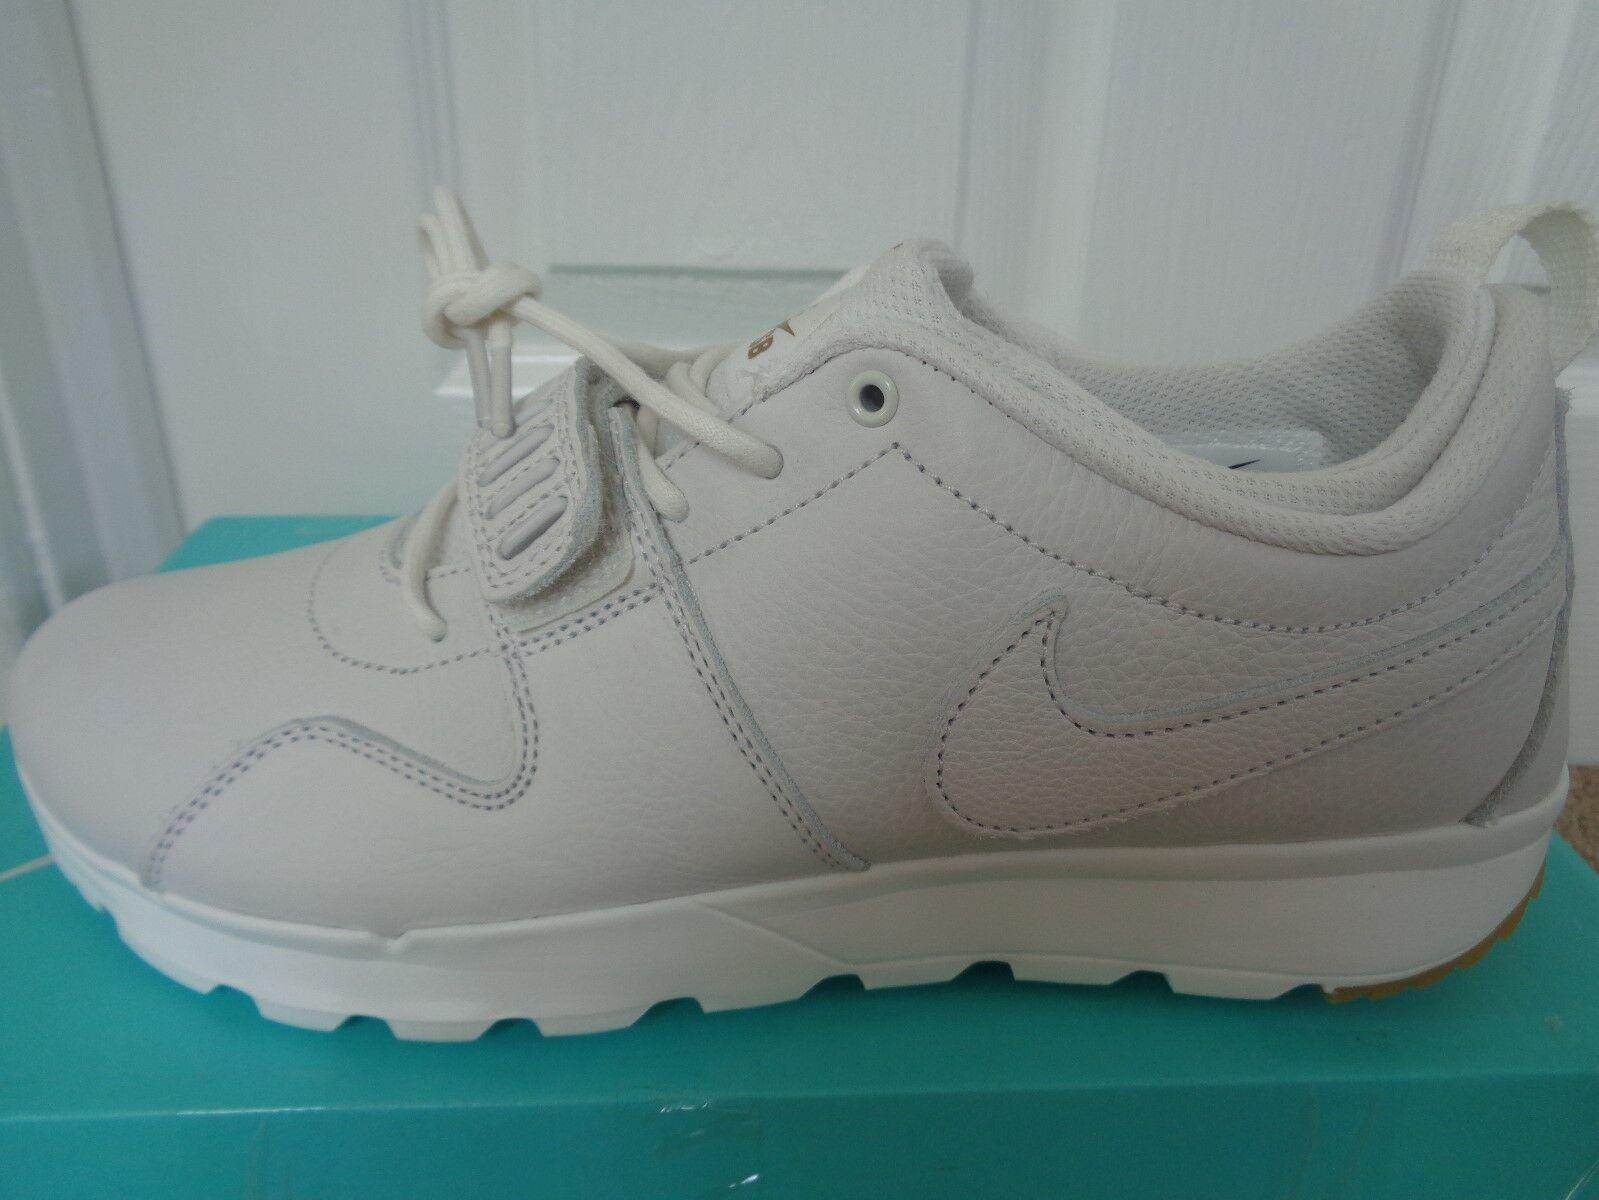 Nike SB TRAINERENDOR Prem Zapatillas Zapatos  8201875 144 Caja nos 9.5 Nuevo  Caja 144 996d76